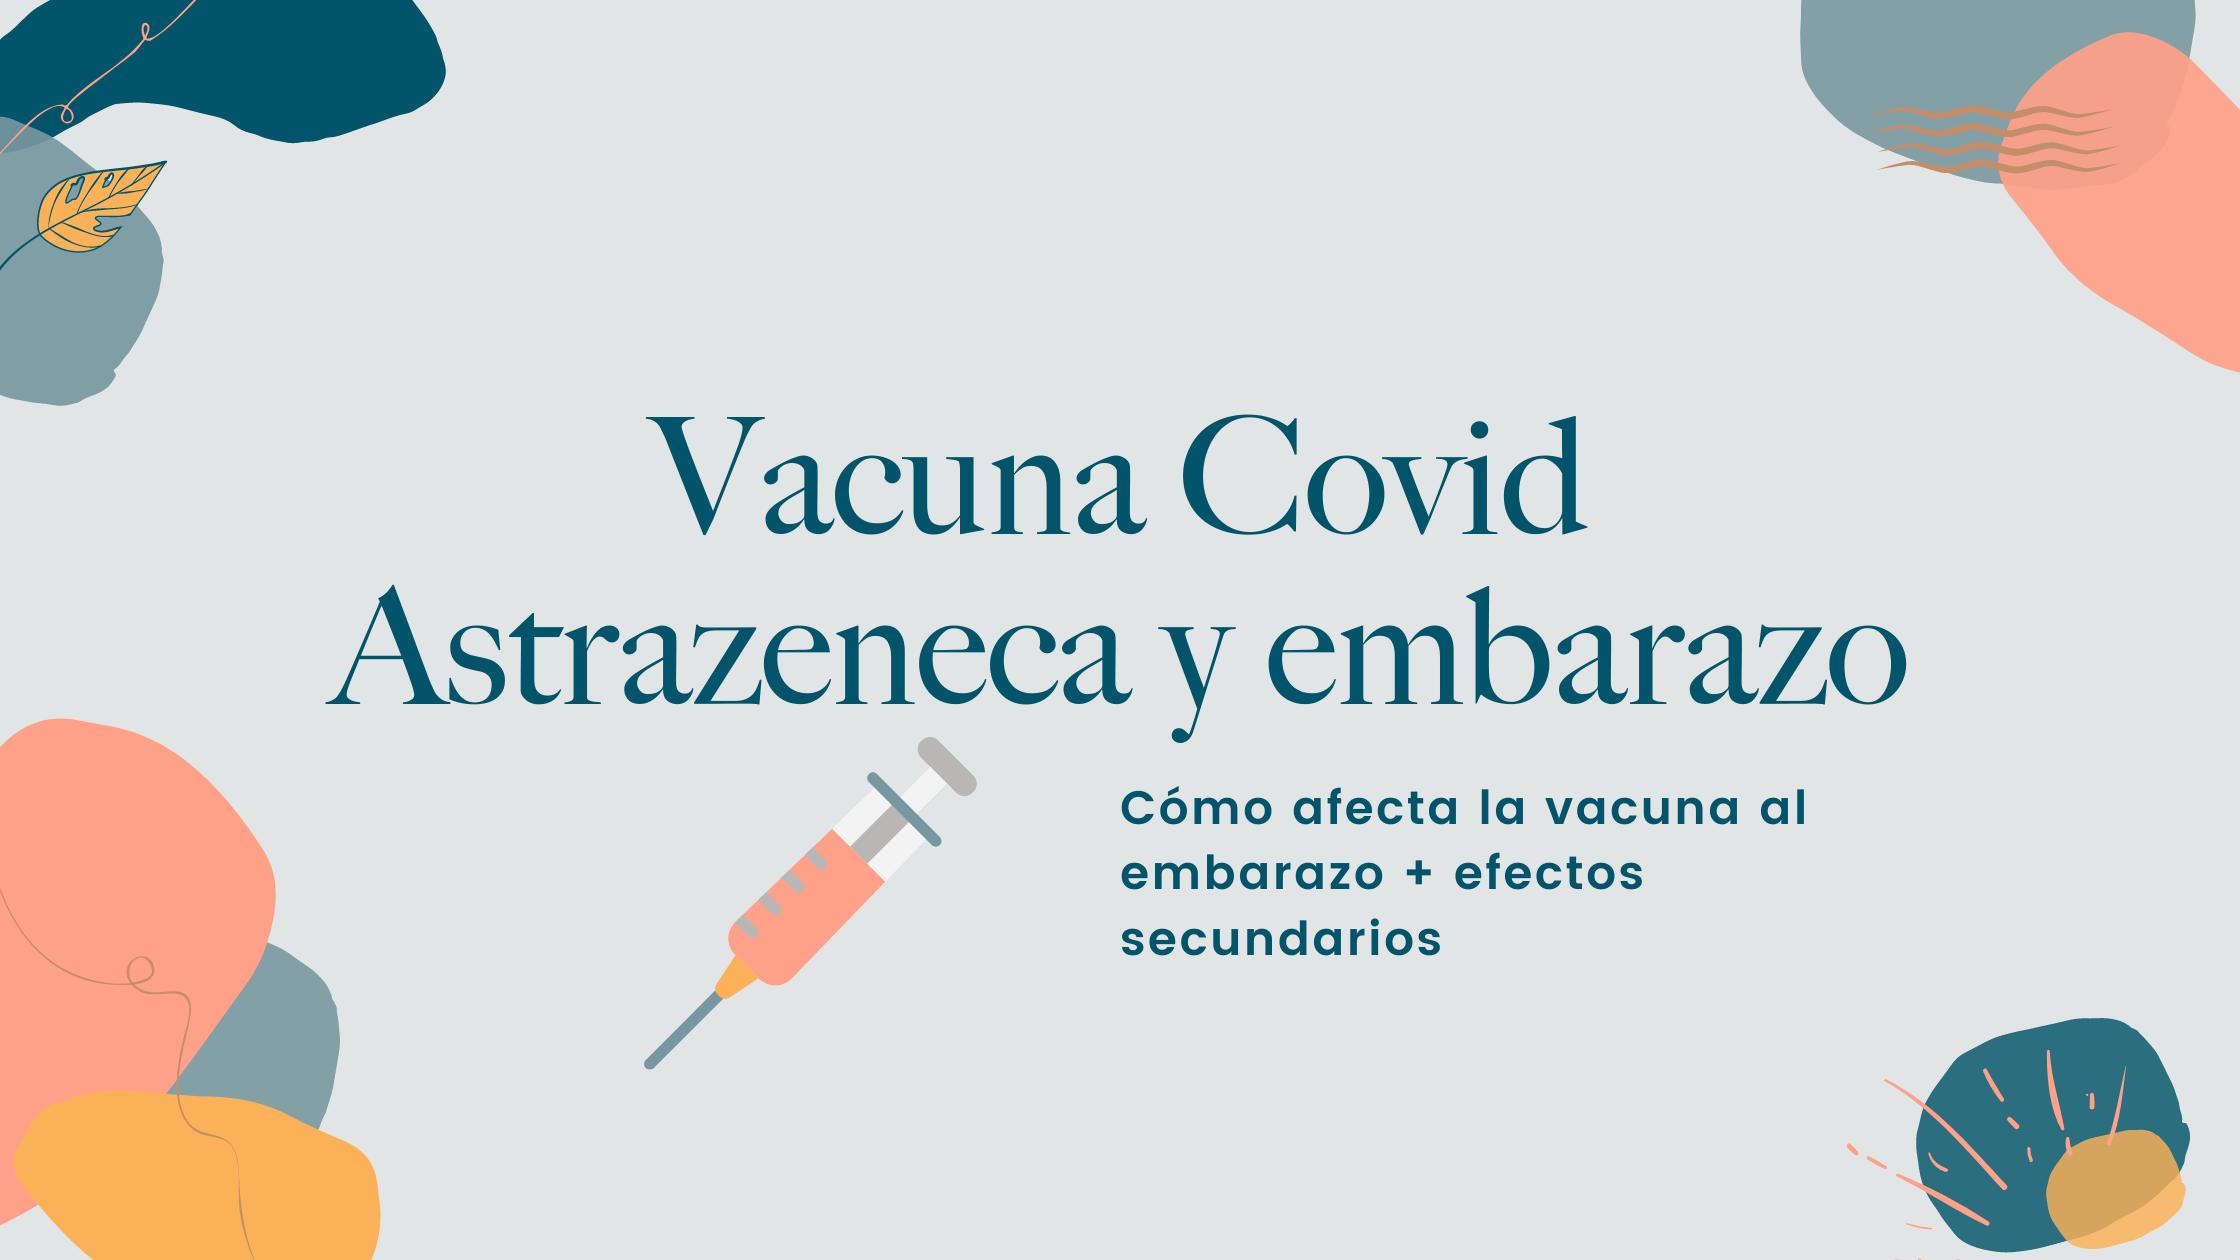 Vacuna del covid y embarazo (Atrazeneca)